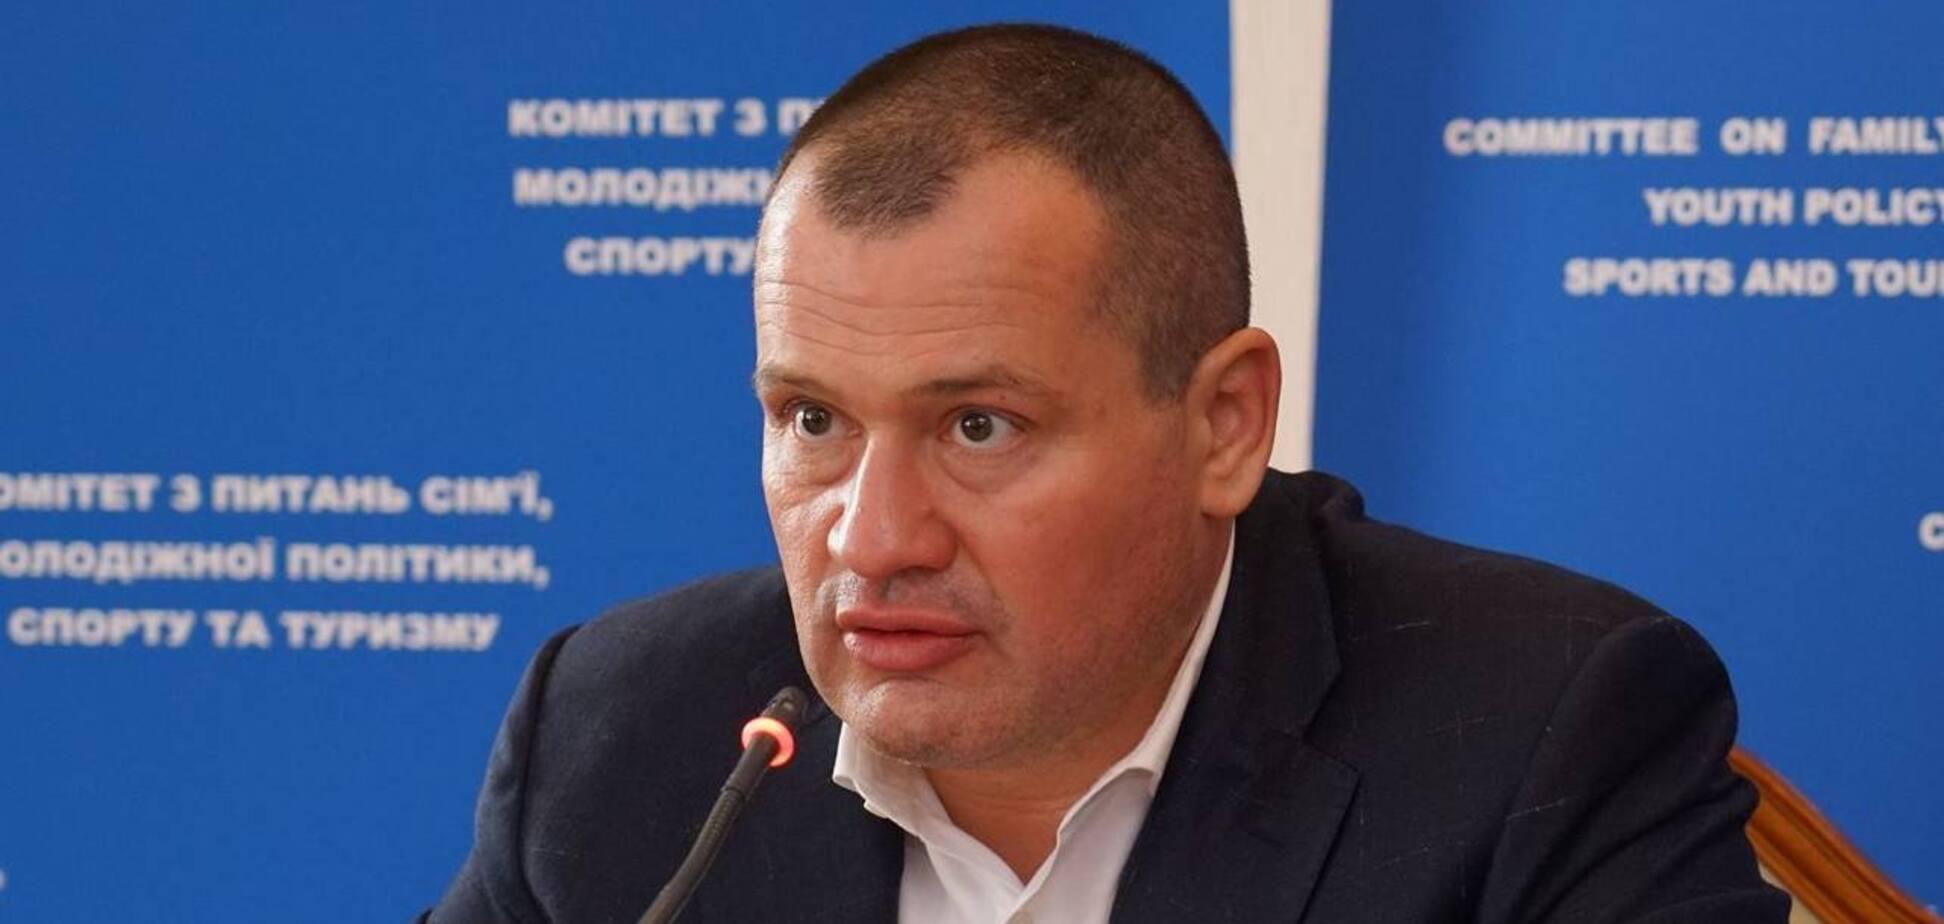 Уряд має повернути громадам 37 млрд гривень боргу, щоб не допустити підвищення тарифів – 'Удар'